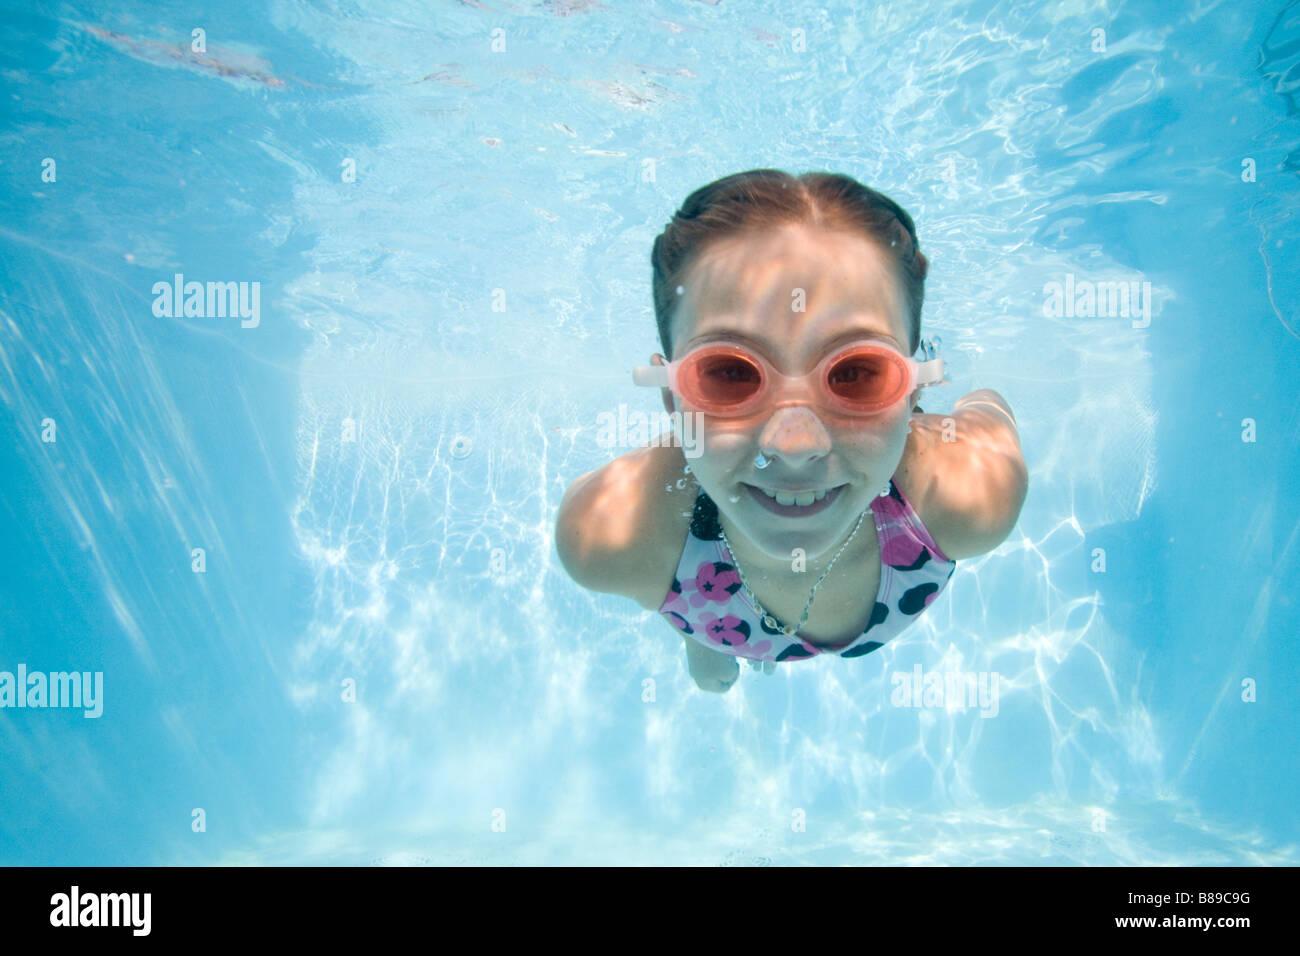 Menina nadar debaixo de água Imagens de Stock